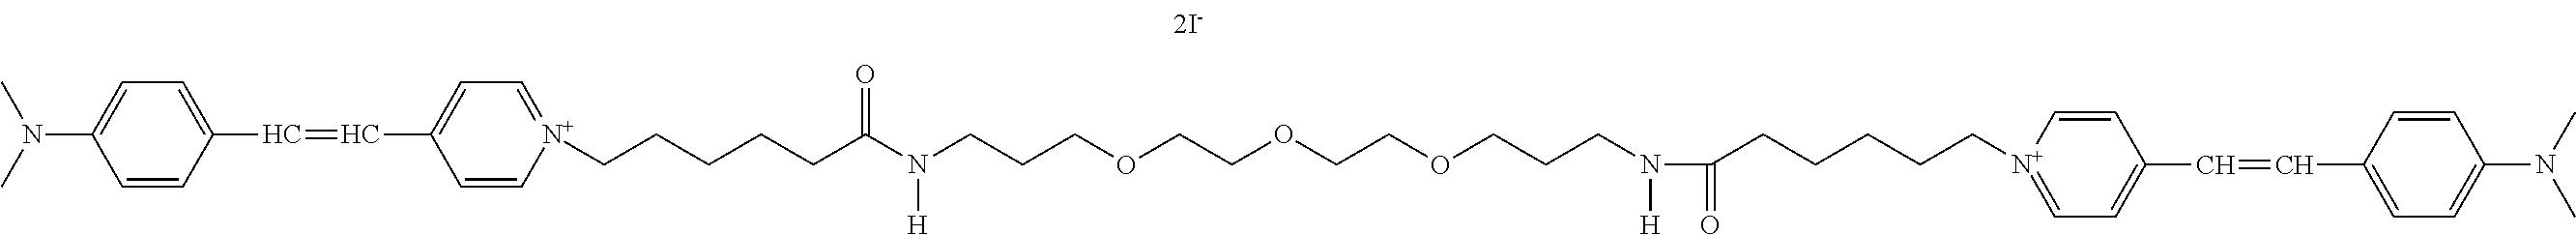 Figure US08877437-20141104-C00045